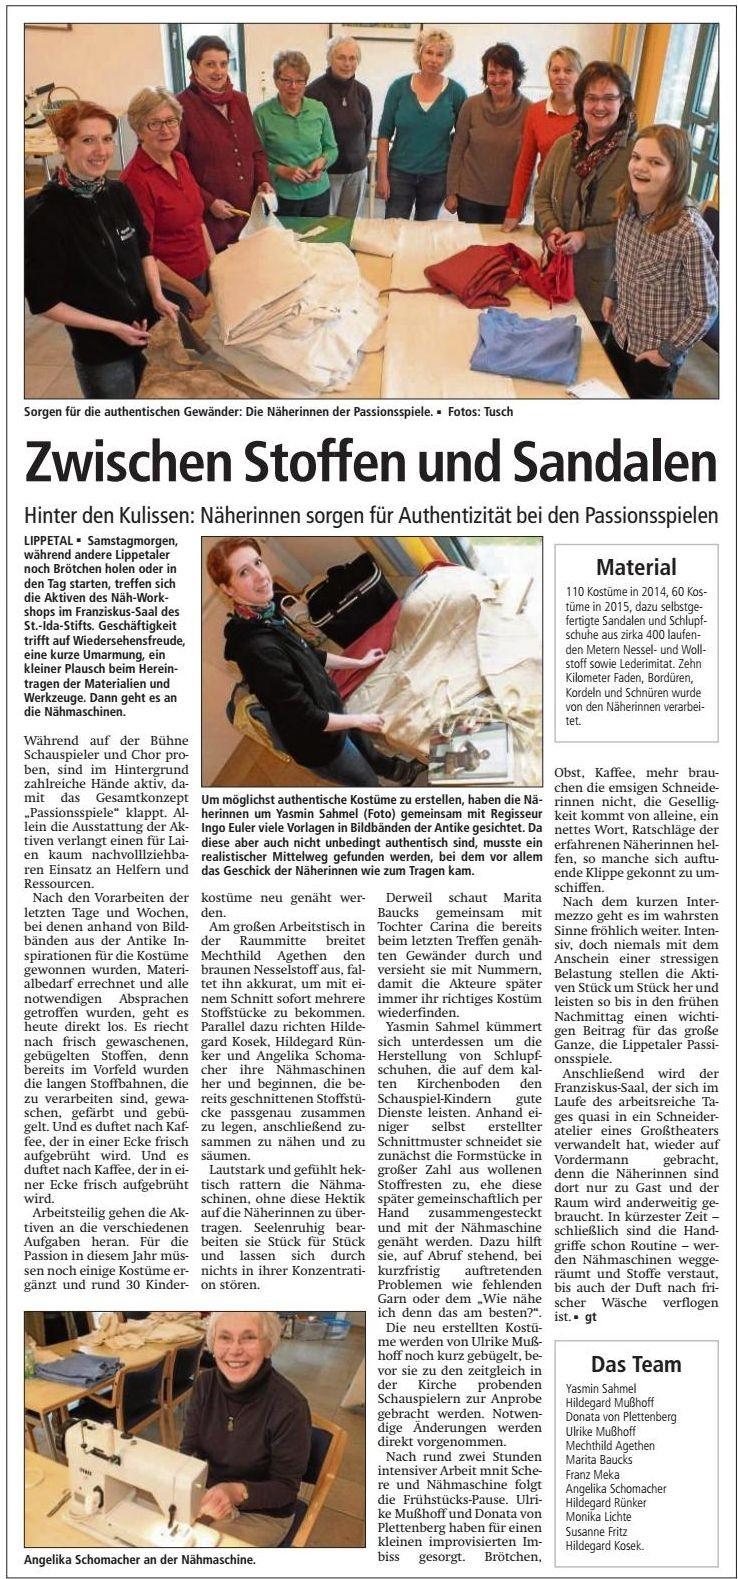 Bericht Soester Anzeiger vom 04.03.2015